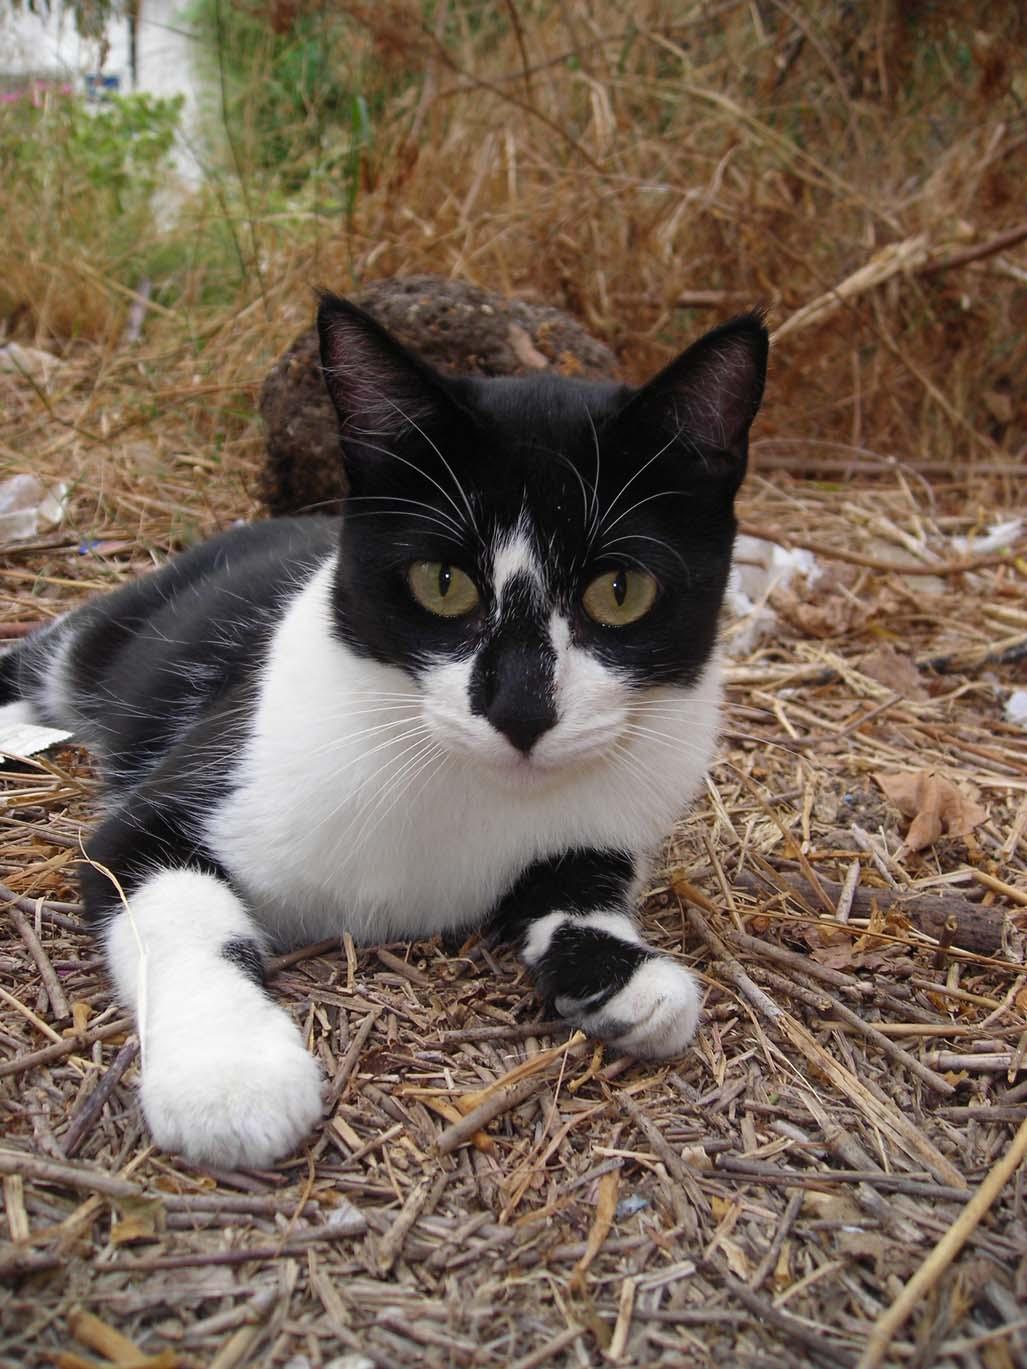 Lua 10 meses comun europeo esterilizada en busca de una segunda oportunidad - Cuidados gato 1 mes ...